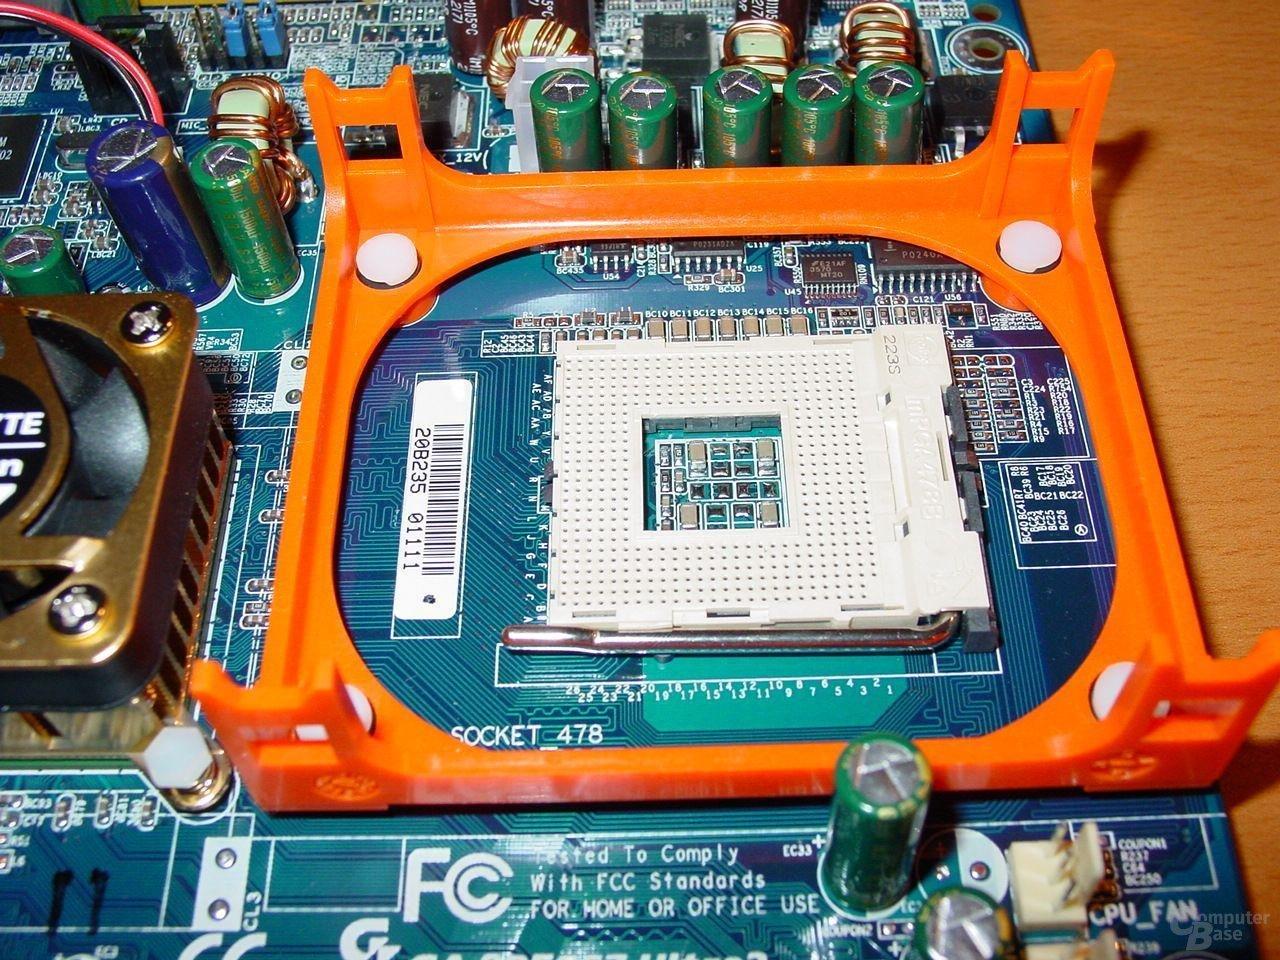 GA-8PE667 Ultra 2 - Sockel